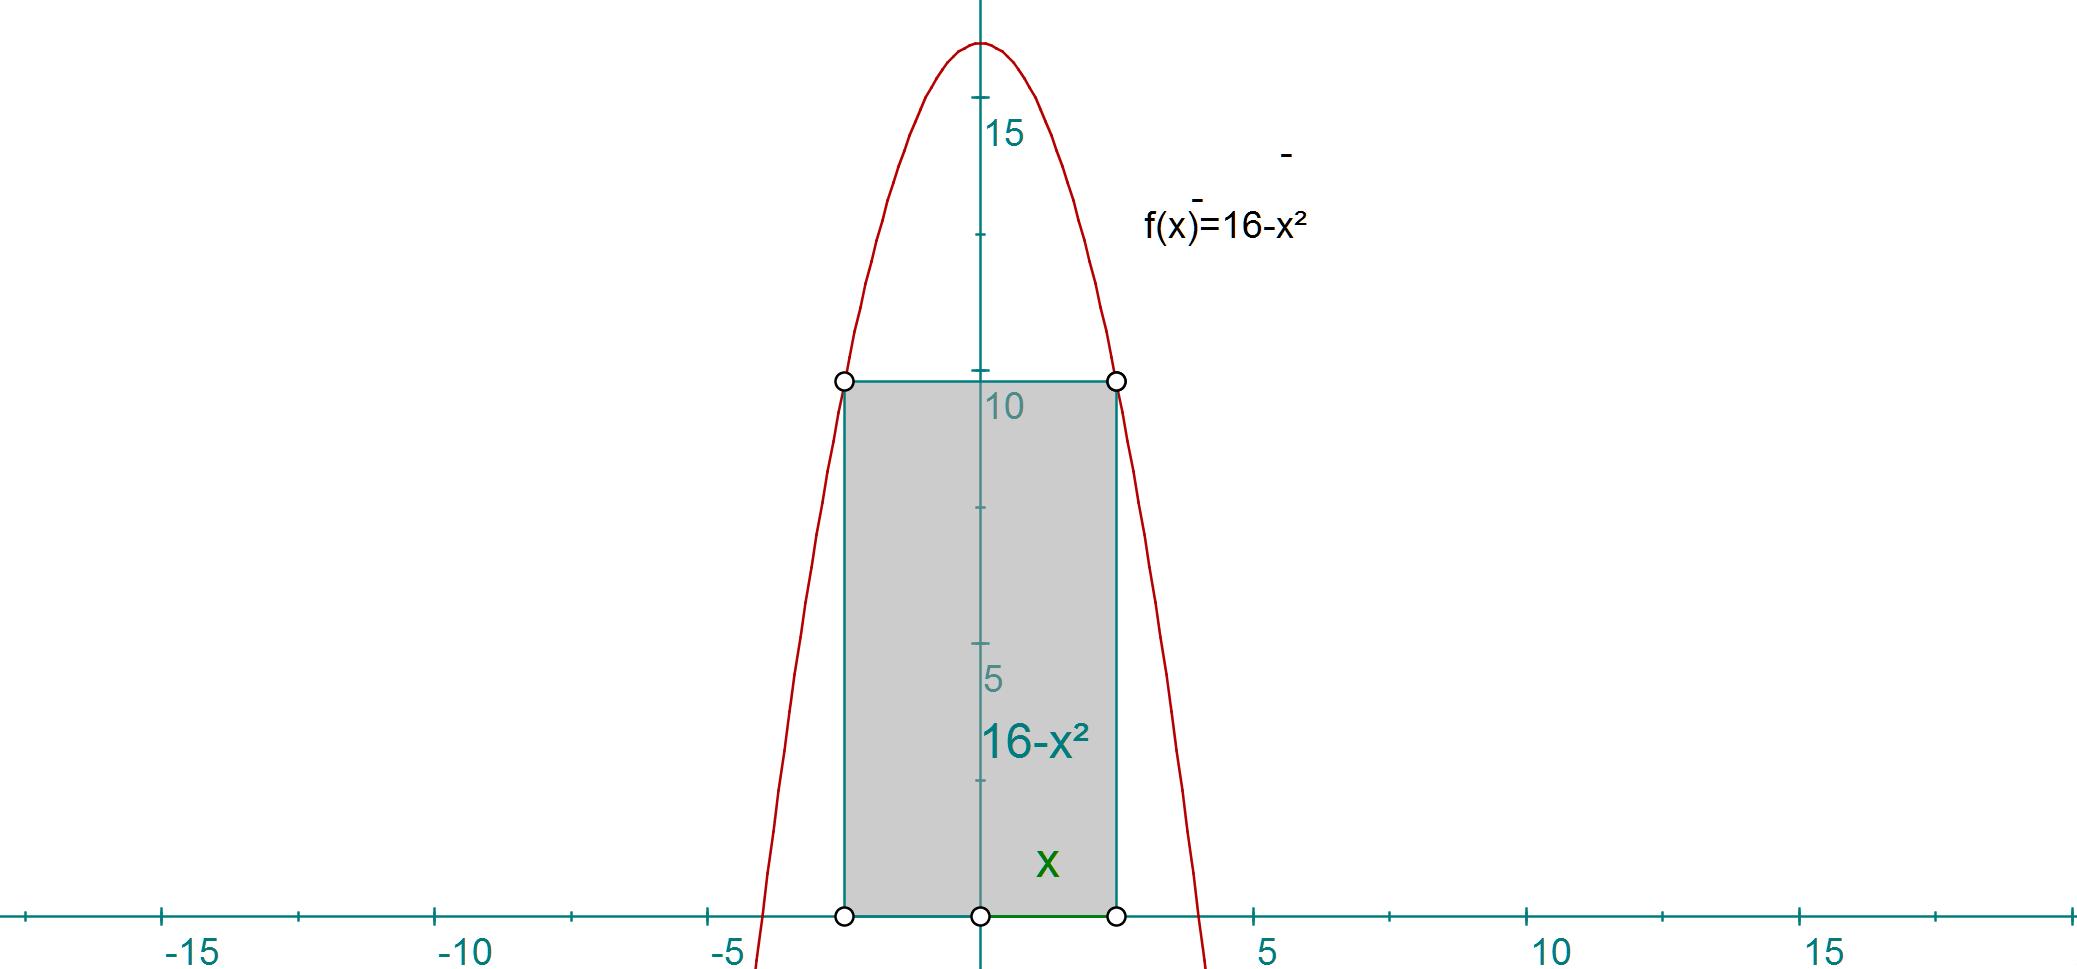 könnt ihr mir bei dem thema in mathe helfen (möglichst großer